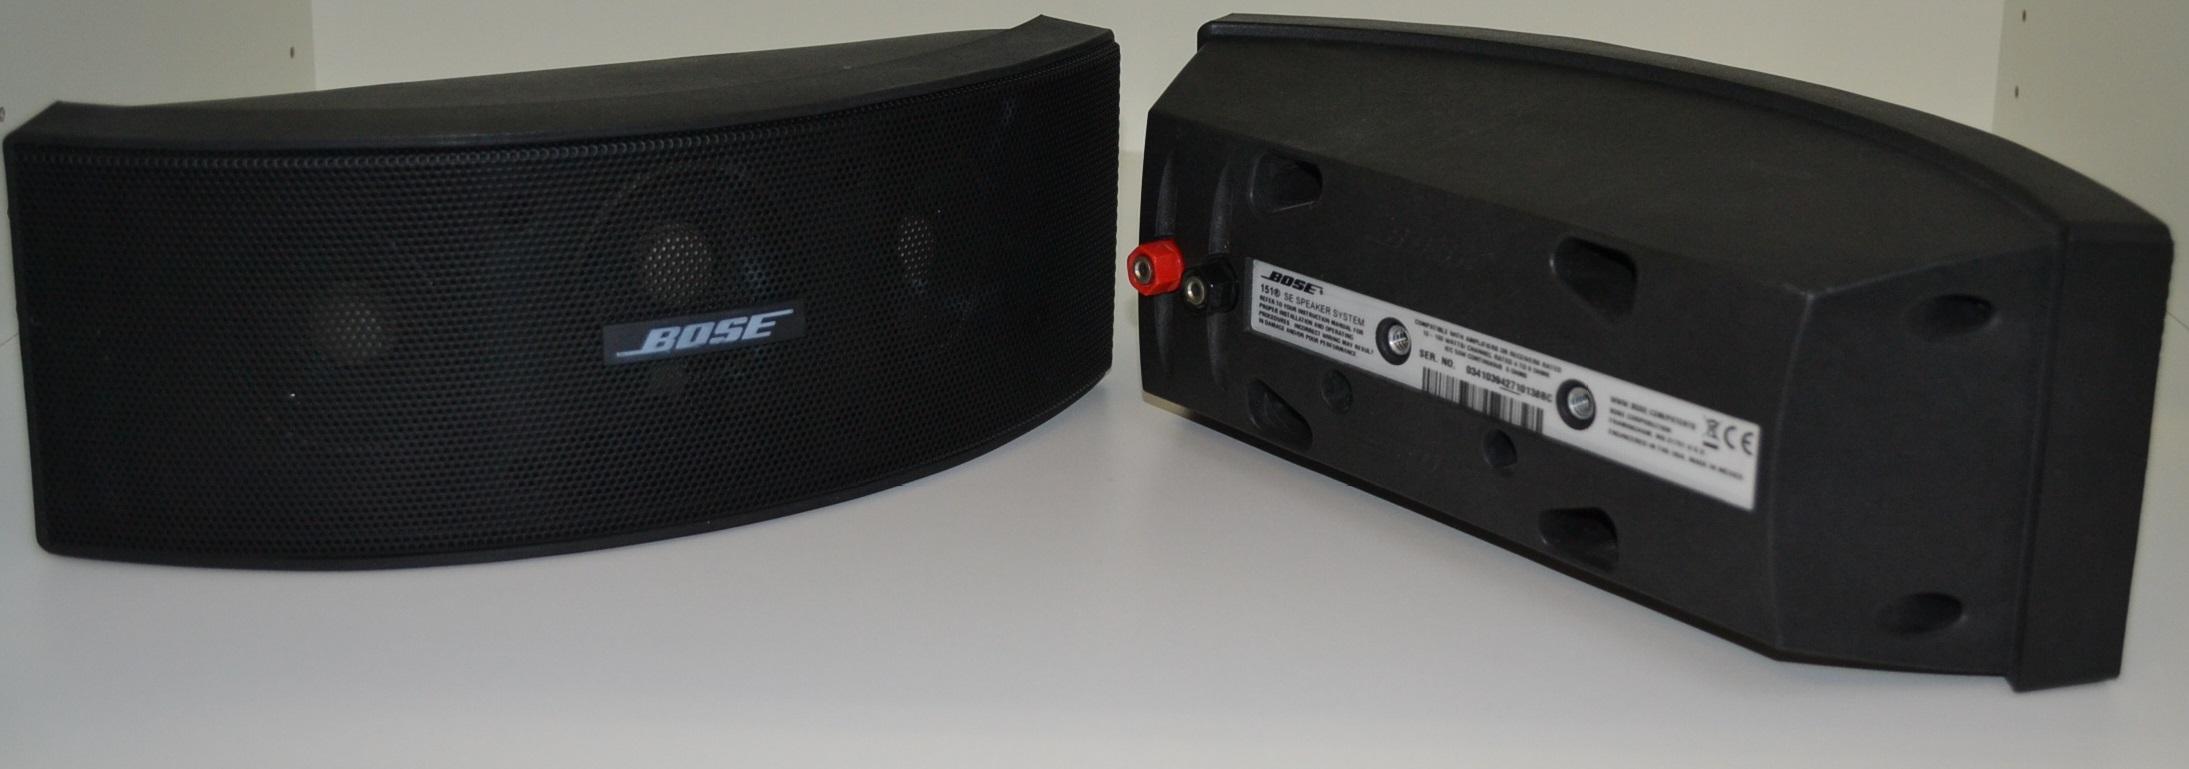 Bose 151 Se Environmental Speakers Elegant Outdoor Speakers Black Se